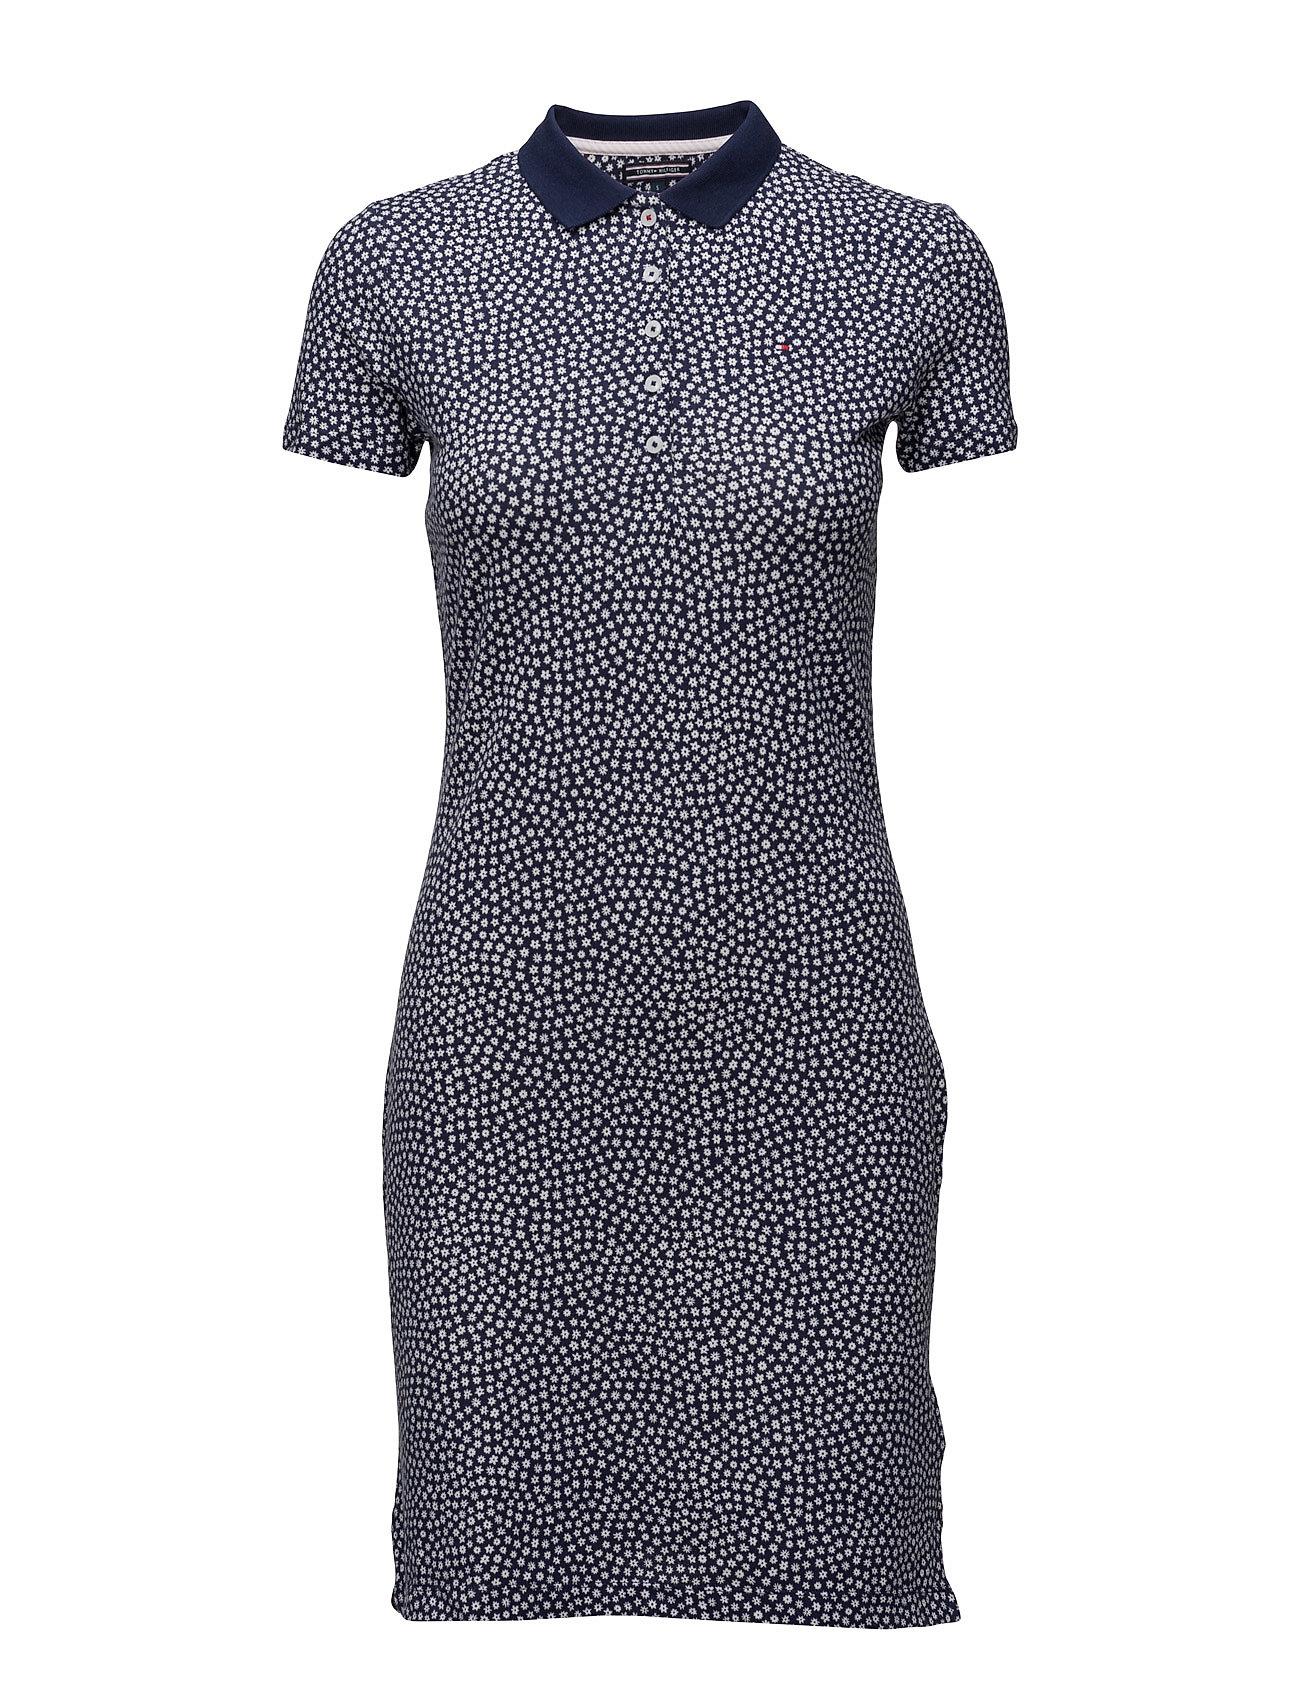 New Chiara Str Pq Polo Dress Ss Tommy Hilfiger Knælange & mellemlange til Damer i Blå